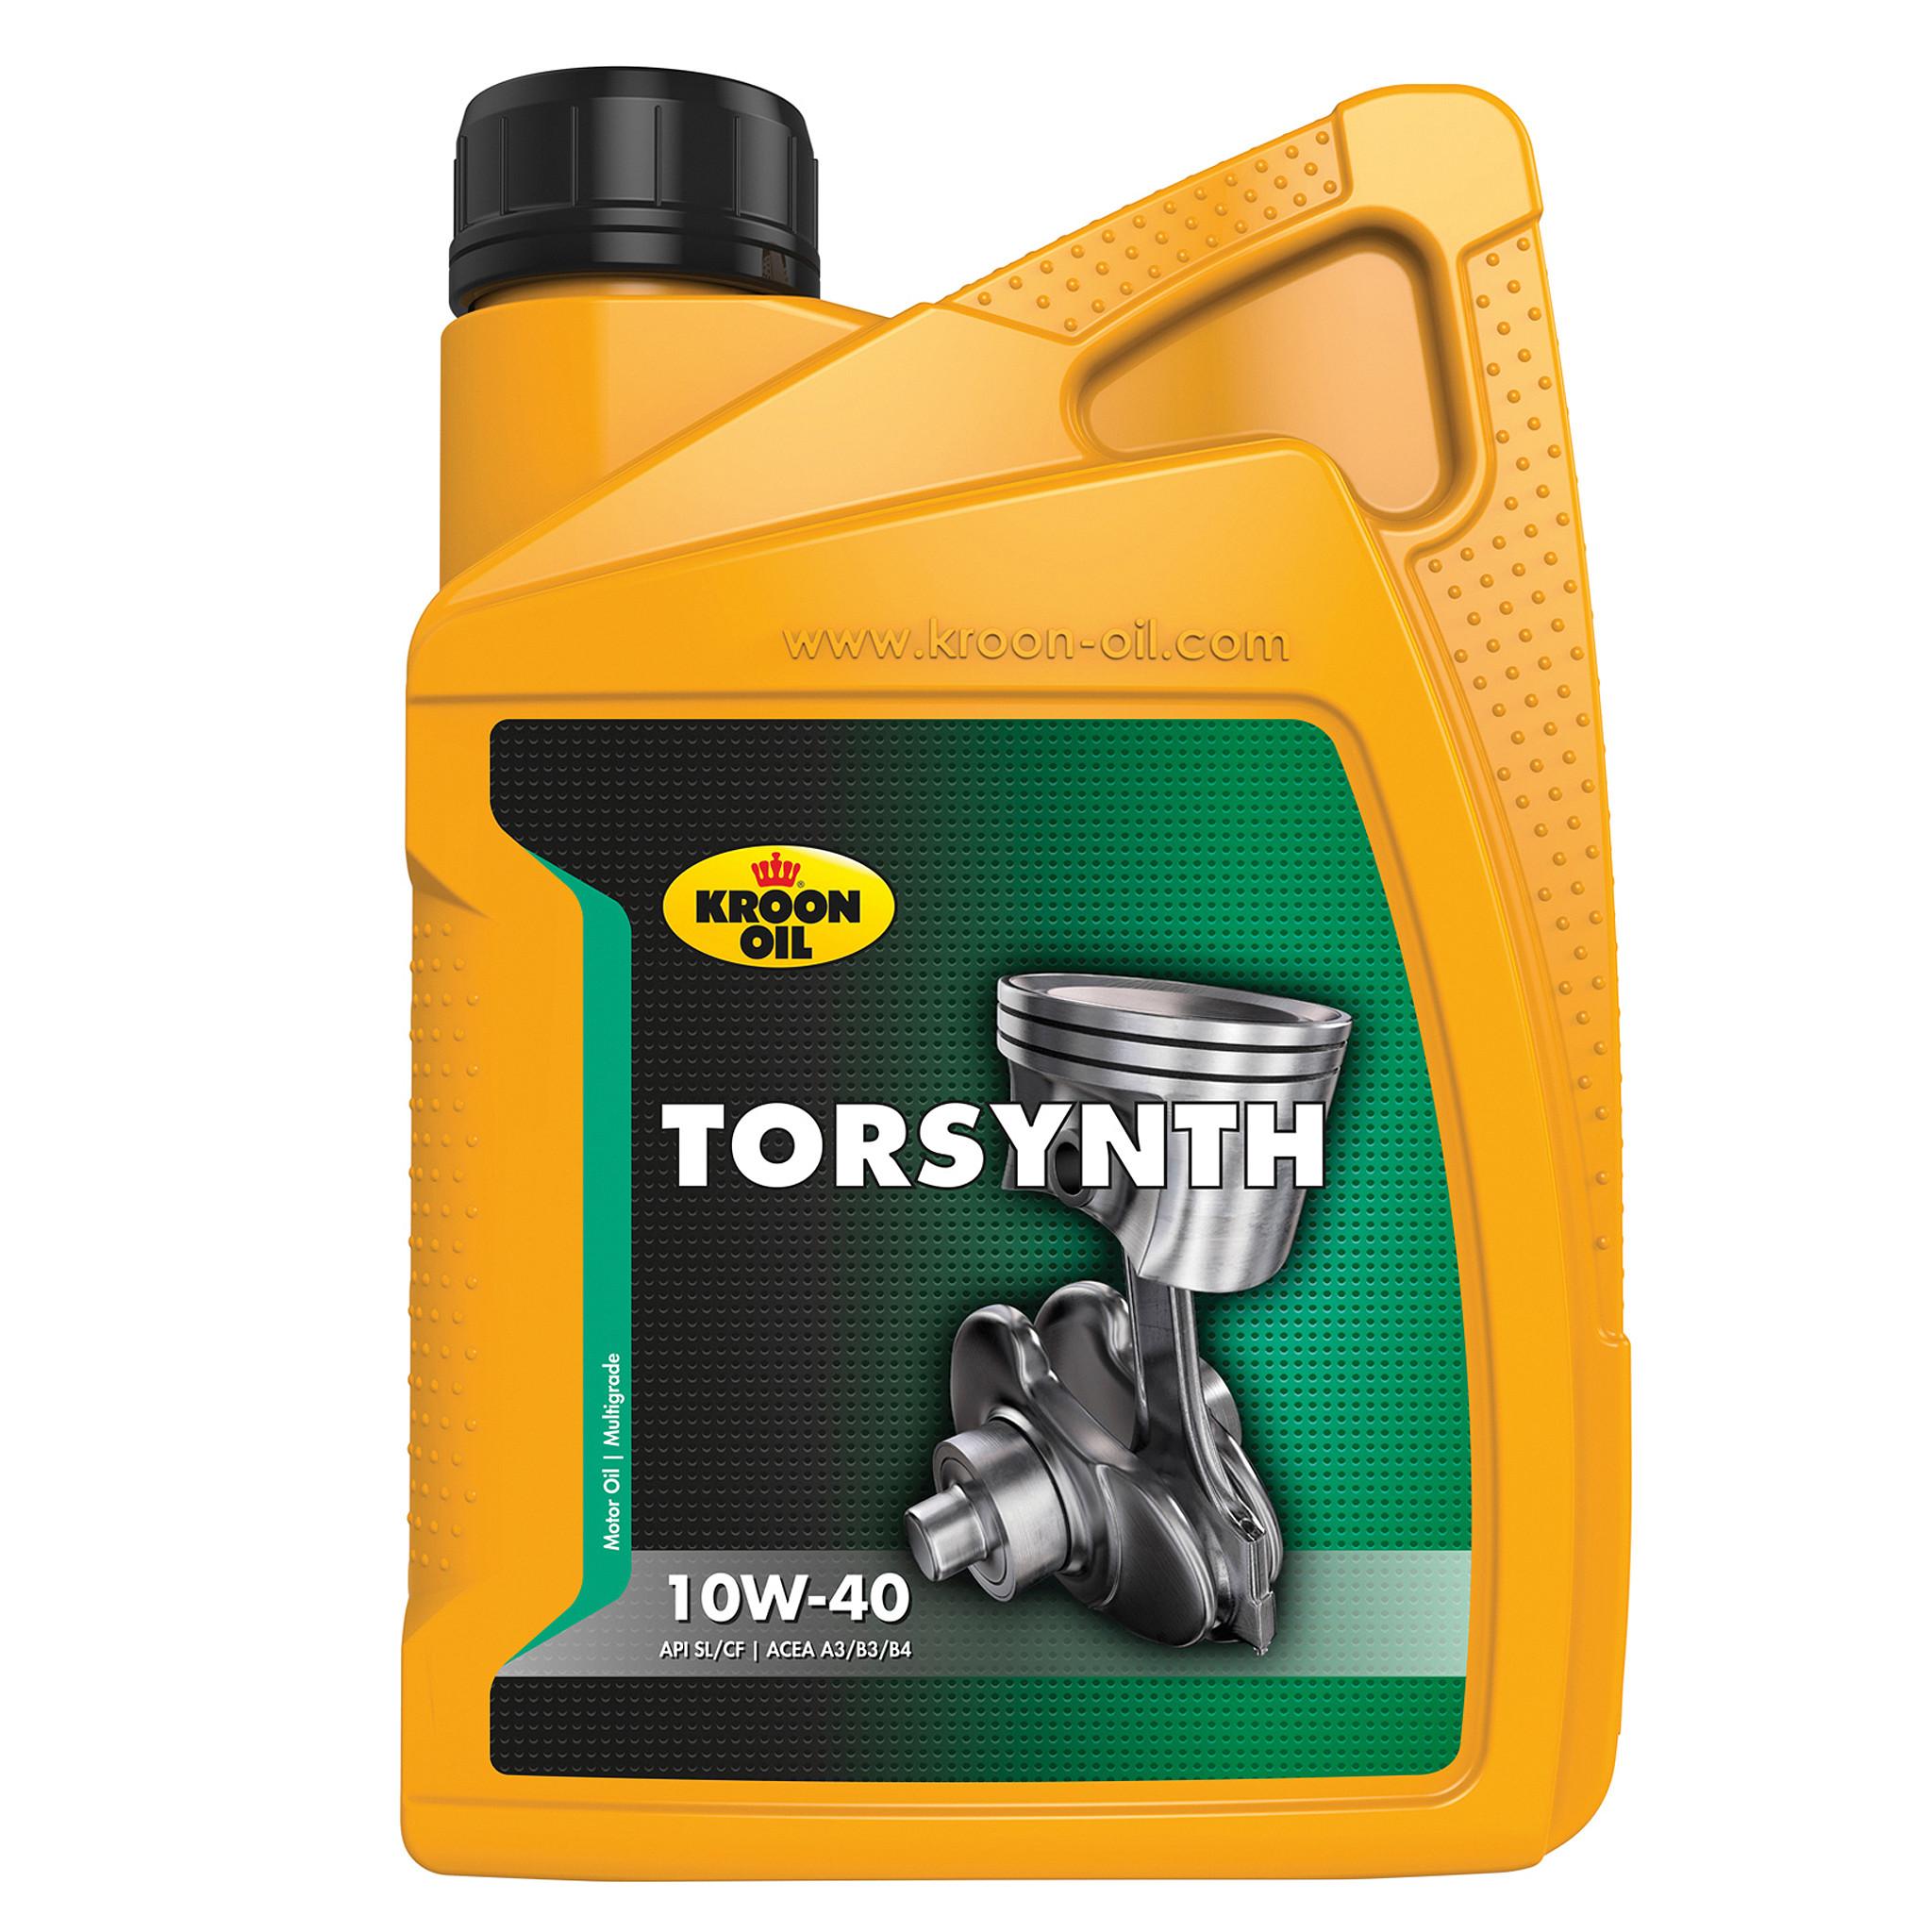 Kroon-oil motorolie tor 10 w 40 1 l